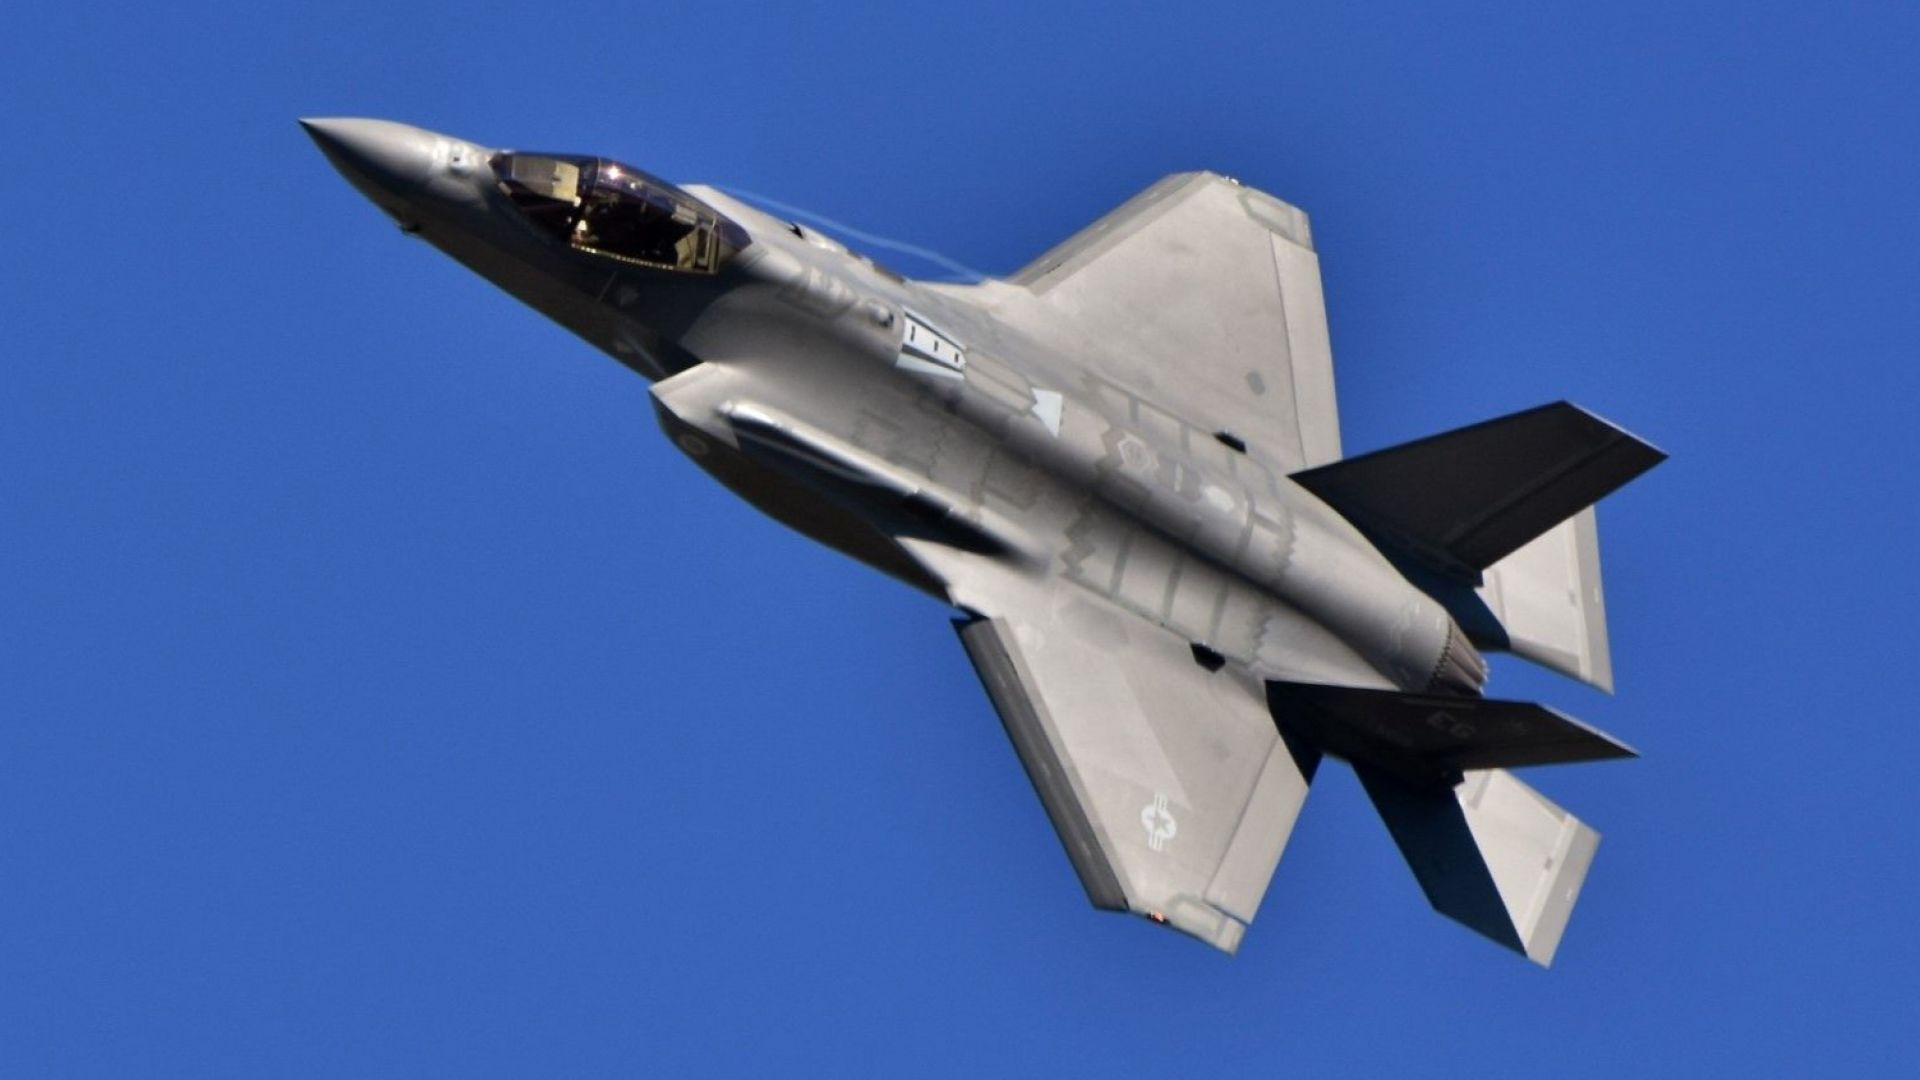 САЩ: Не е невъзможно да се изключи Турция от програмата за Ф-35